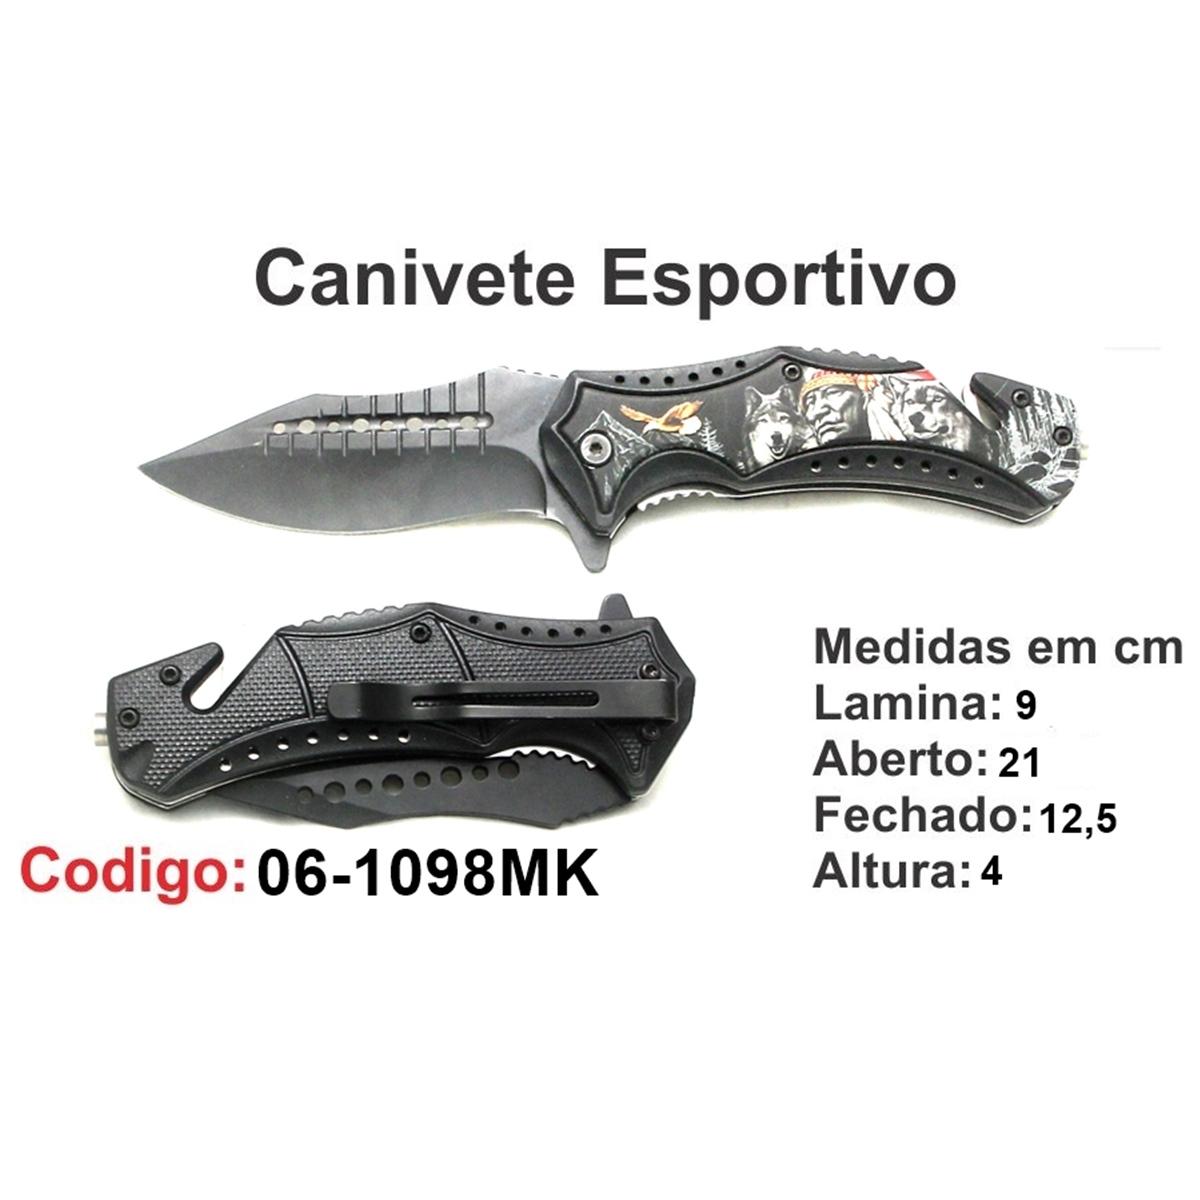 Canivete Esportivo Caça Pesca Etc. 06-1098MK